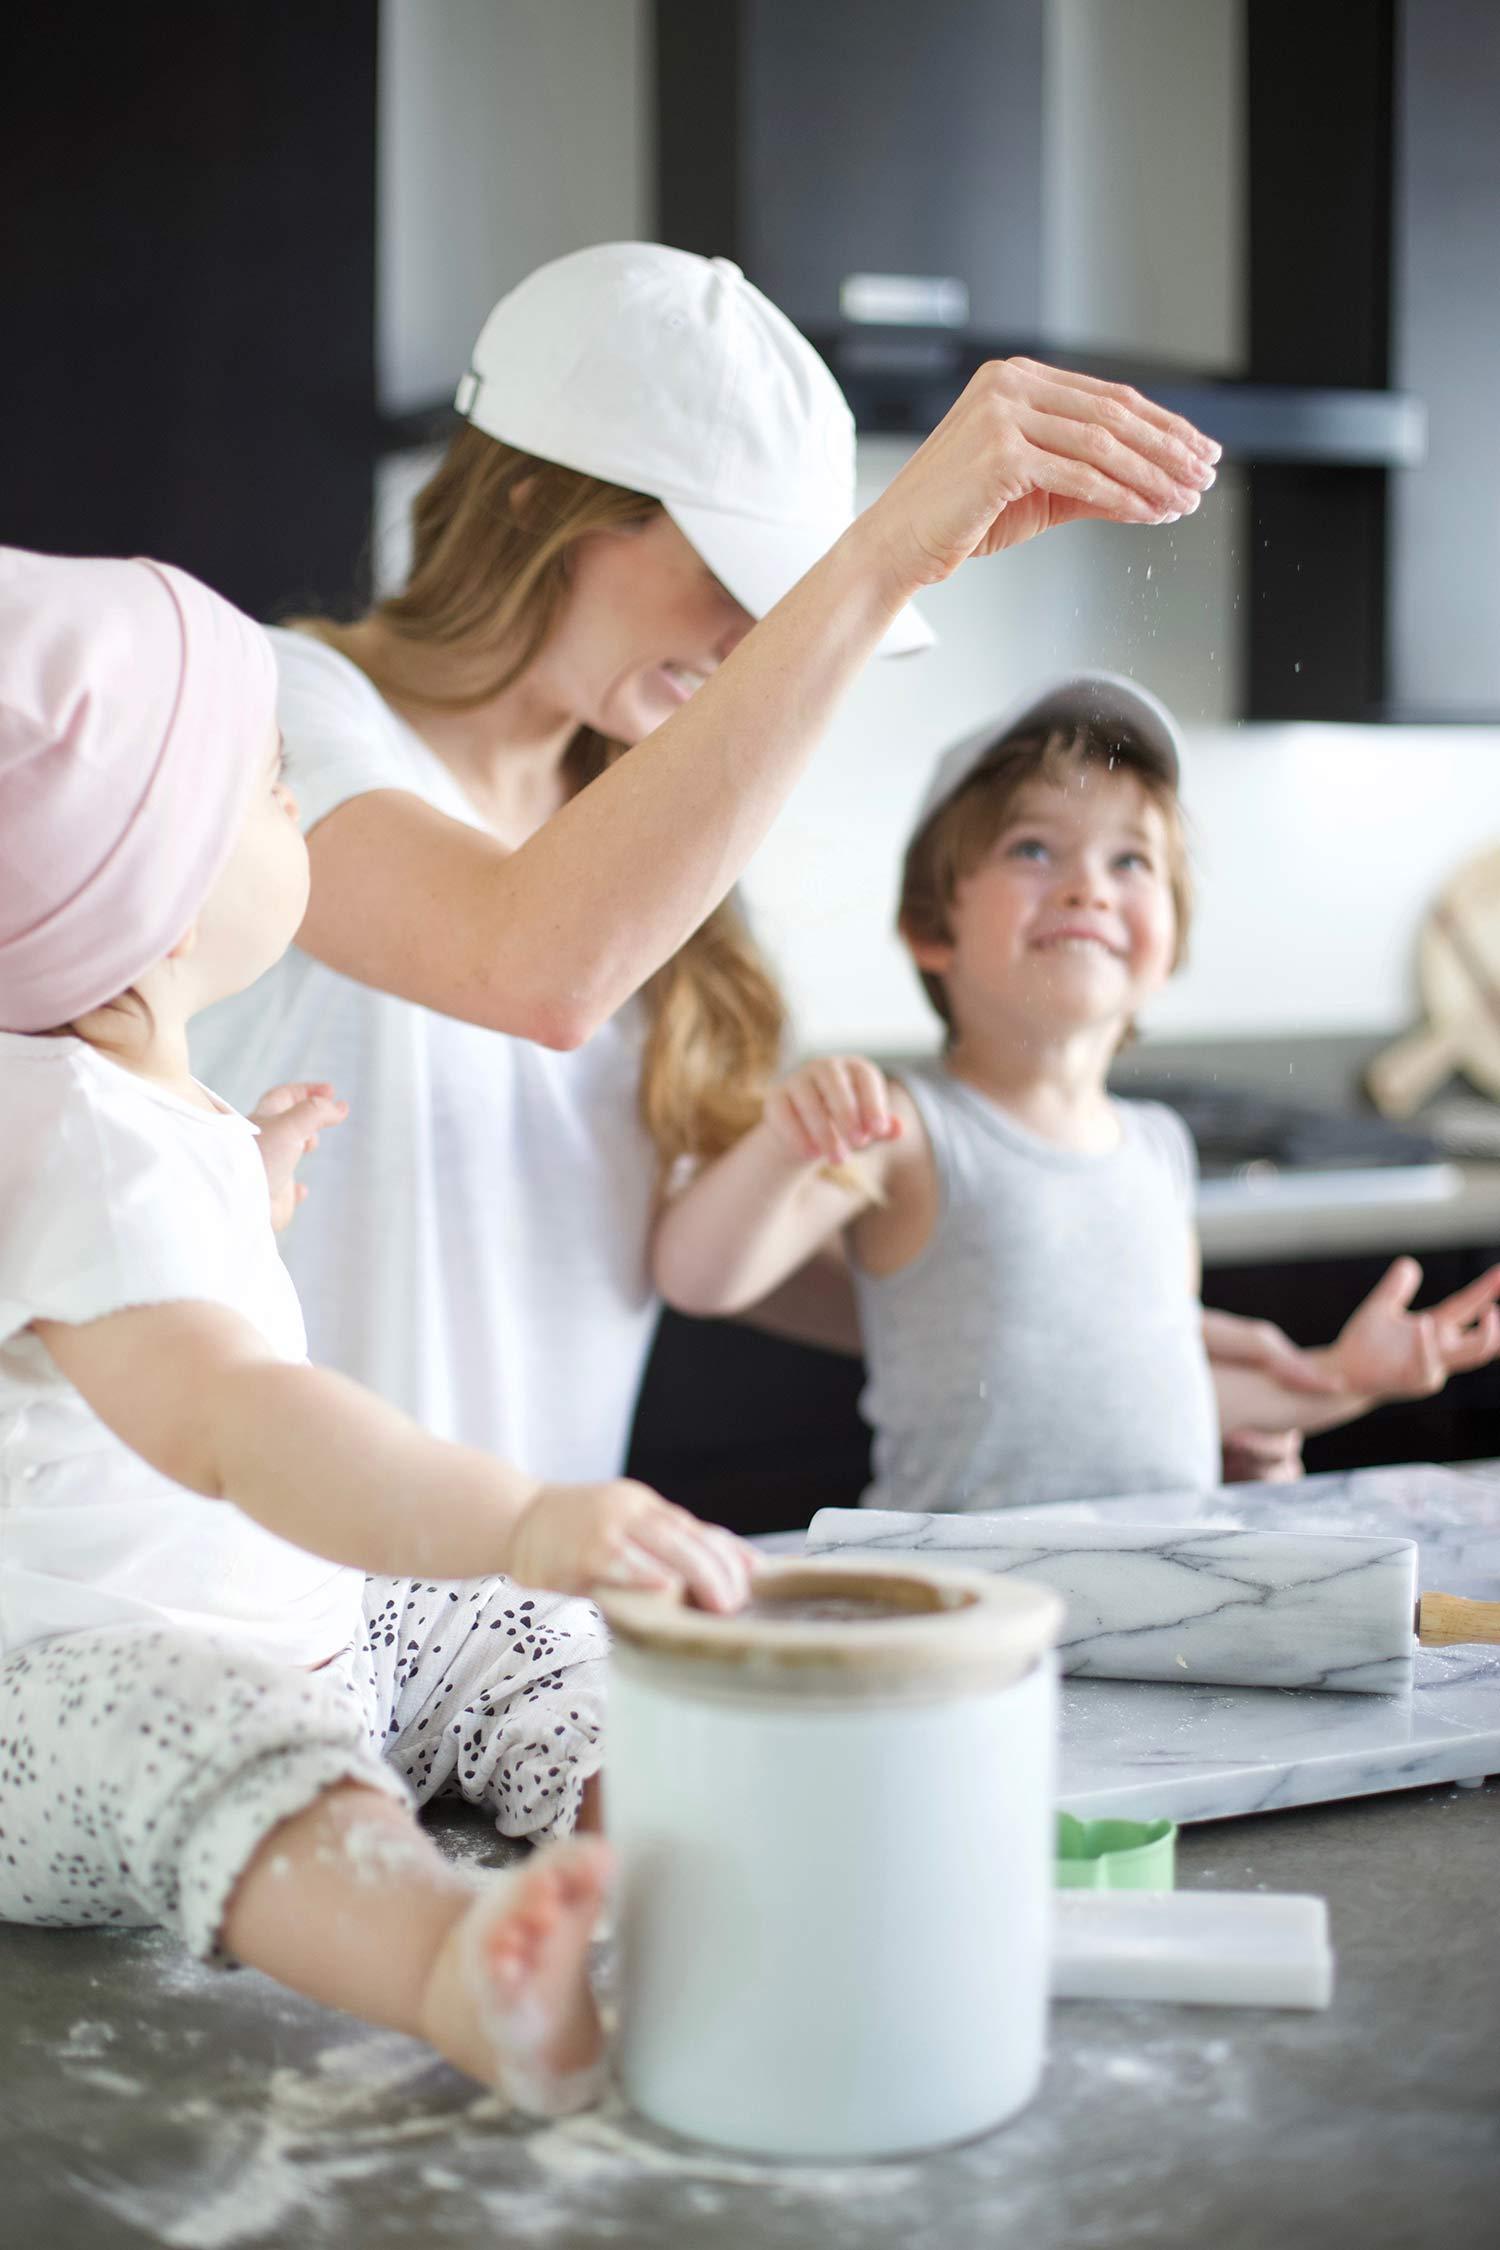 spring bake baking with kids